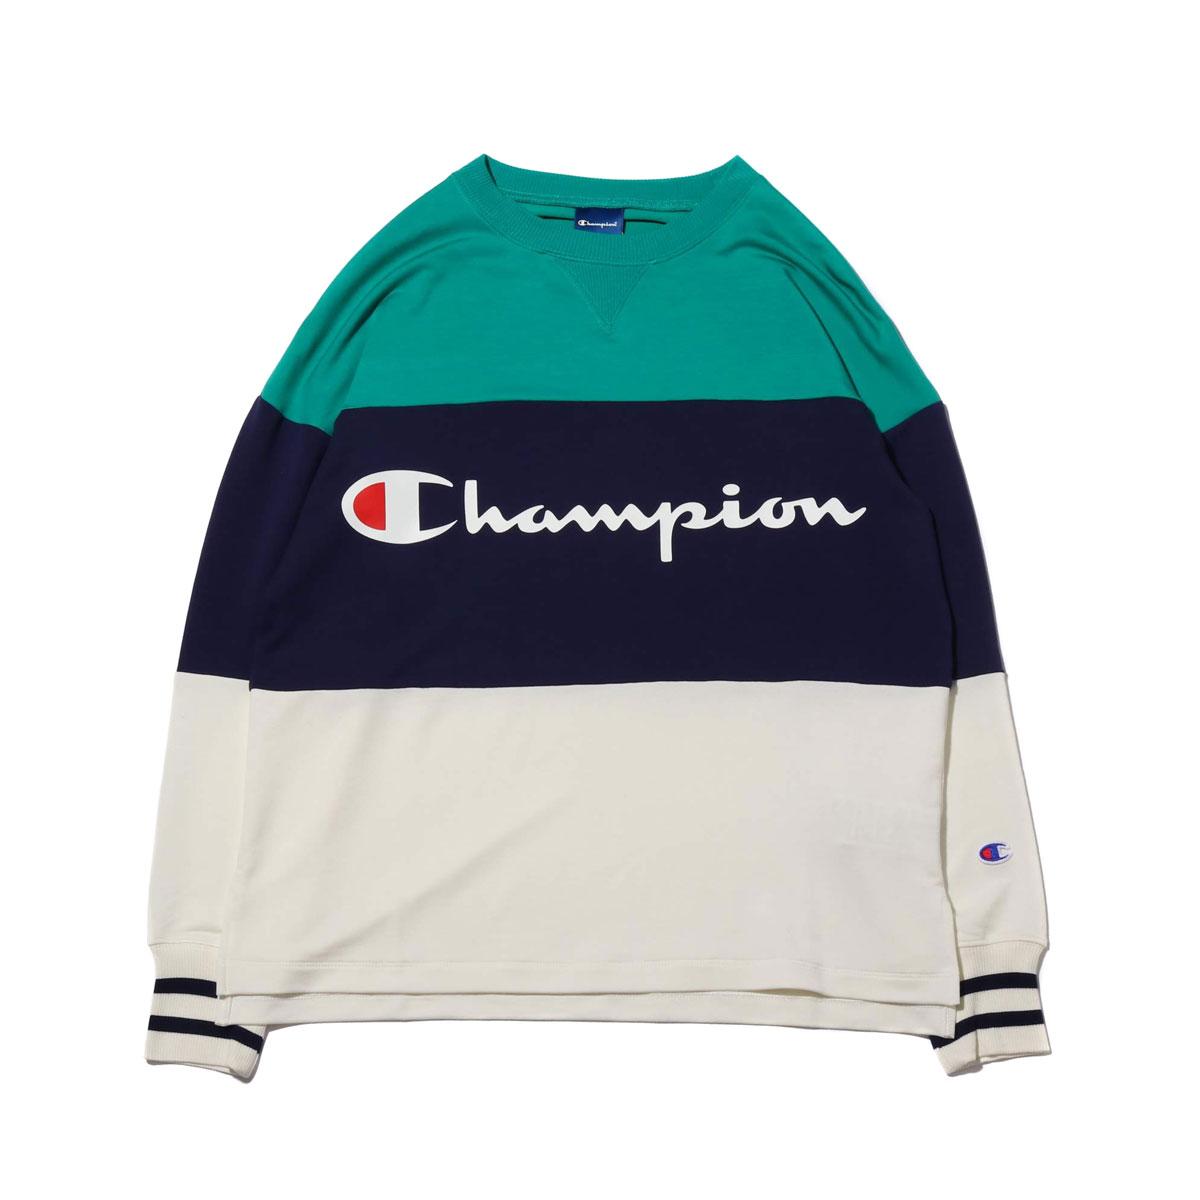 Champion CREW NECK SWEATSHIRT (チャンピオン クルーネック スウェットシャツ)ホワイト【レディース パーカー】19SP-I